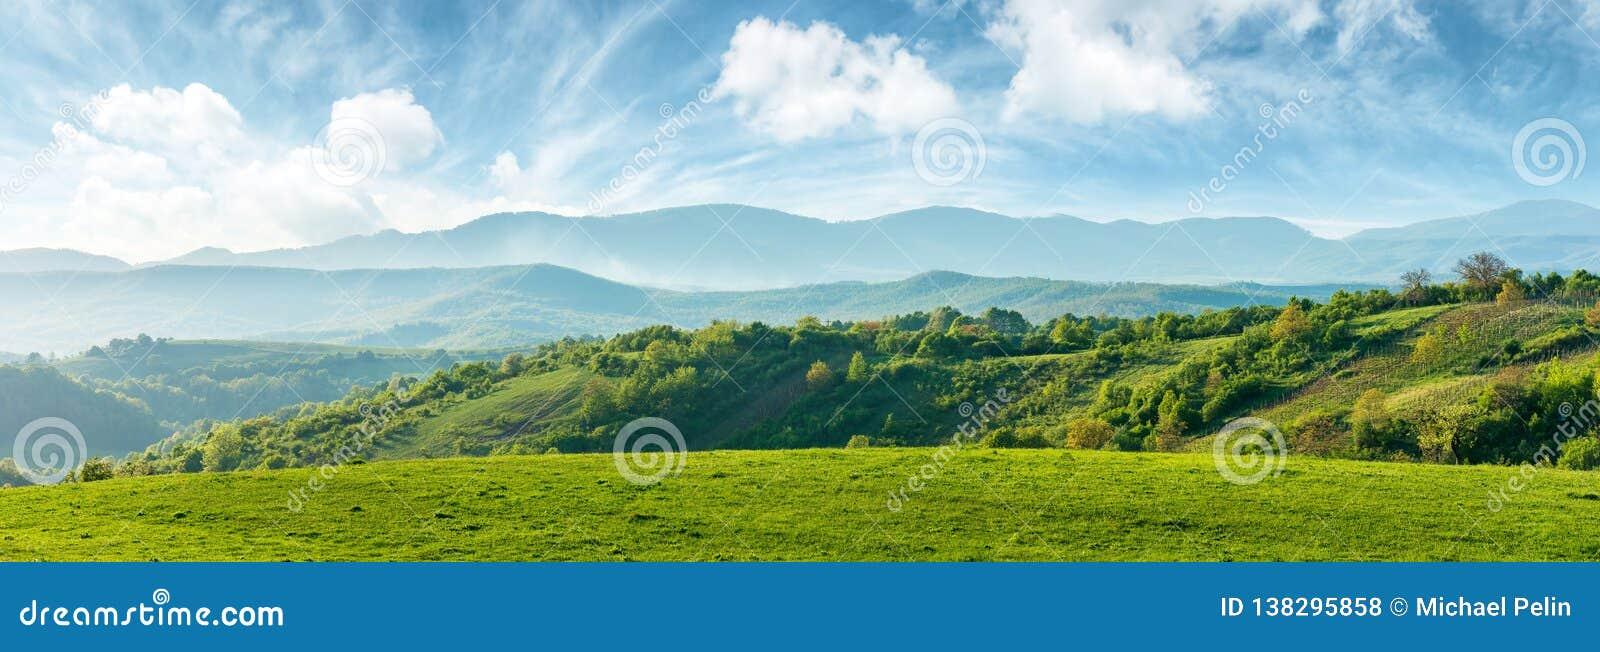 Панорама красивой сельской местности Румынии